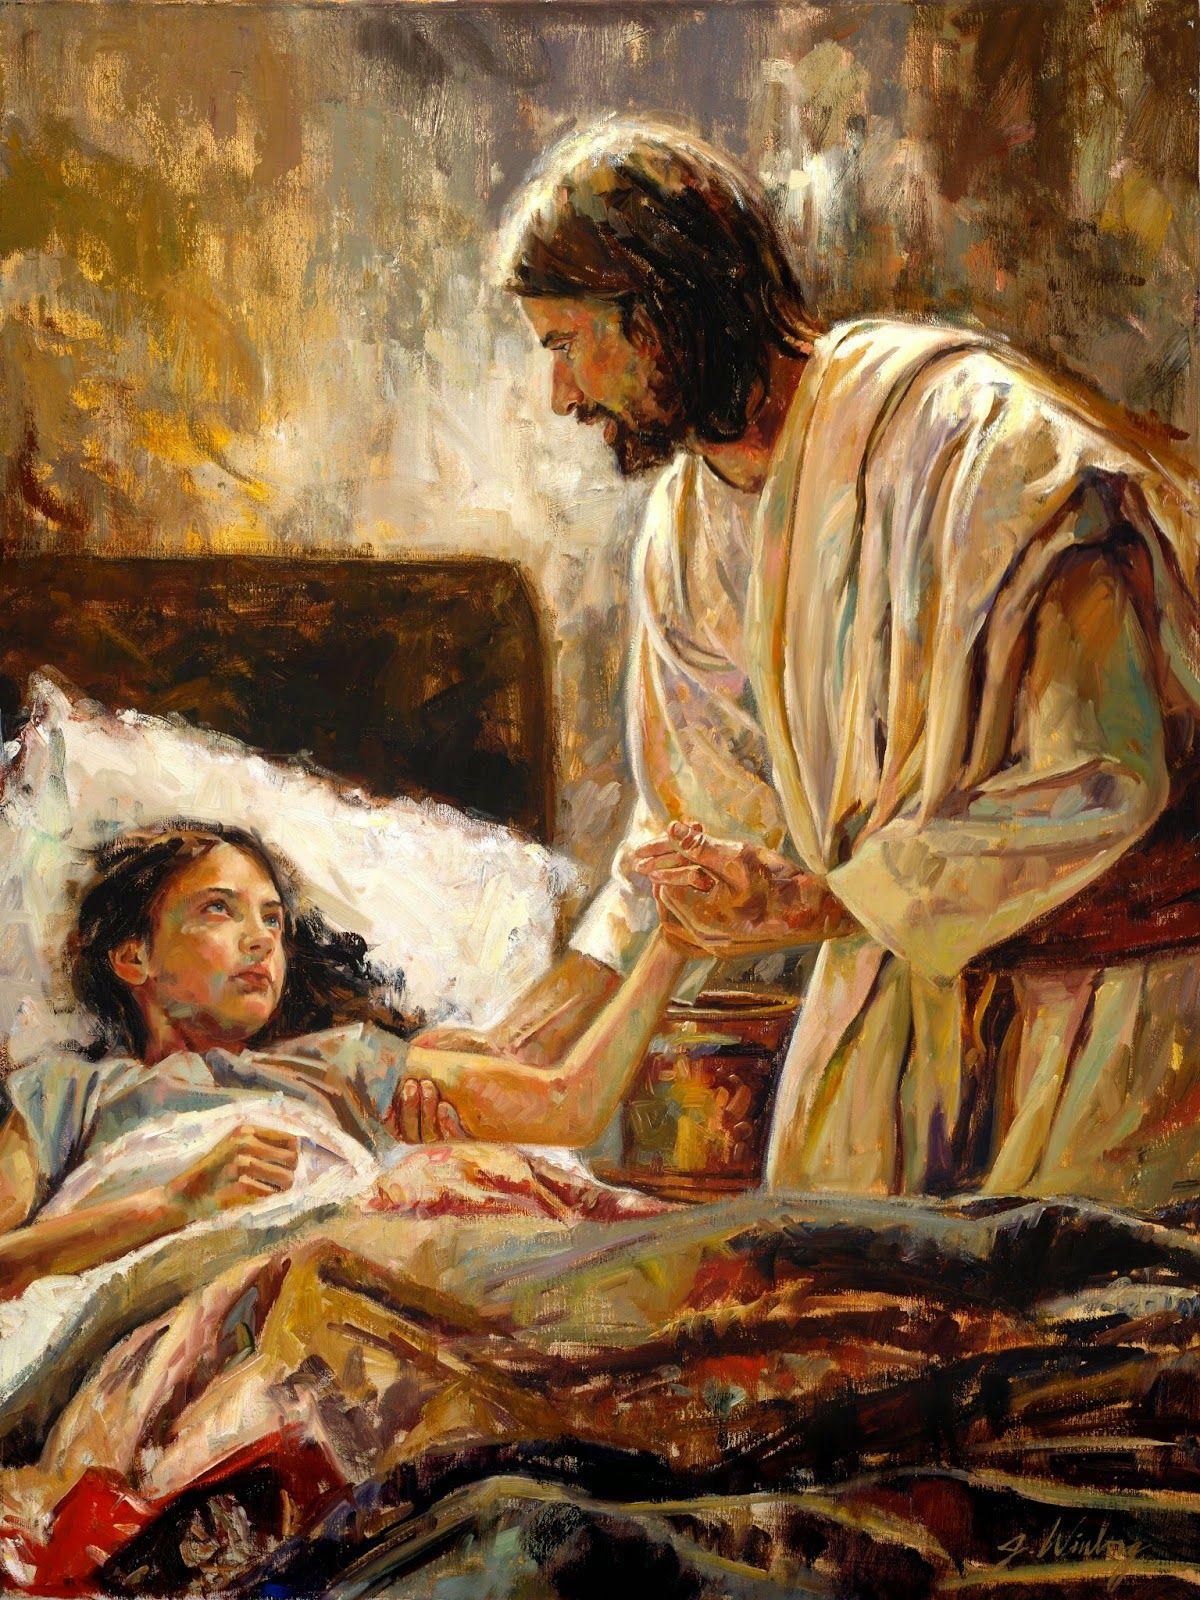 LDS Jesus Christ Paintings